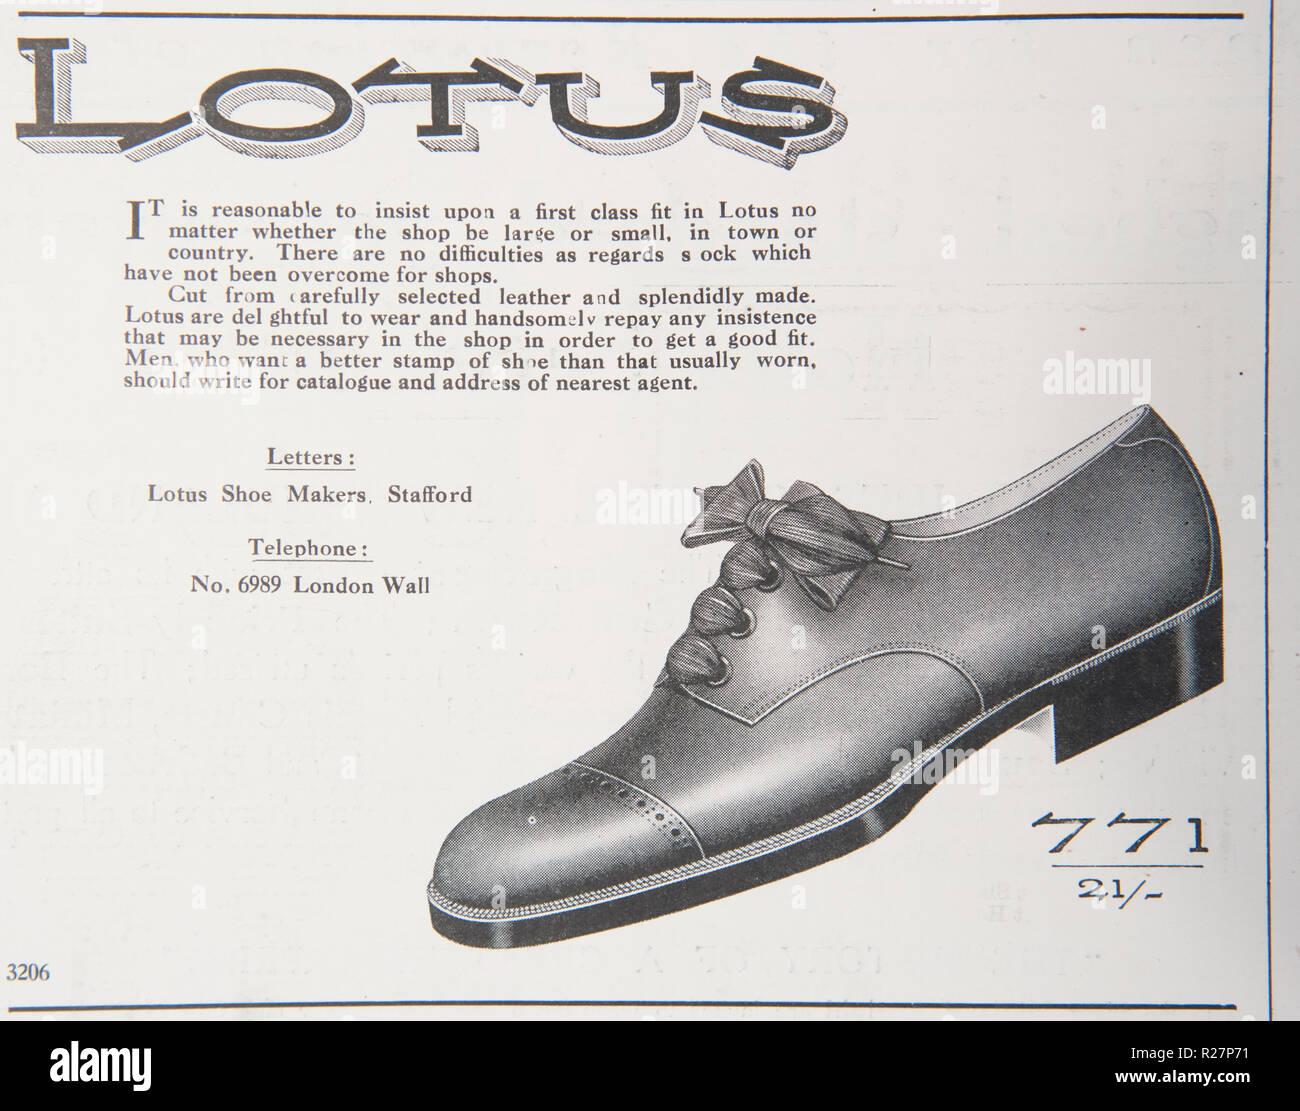 d5fe6e9aa90c Un viejo anuncio para Lotus zapatos. A partir de una antigua revista  británica desde el